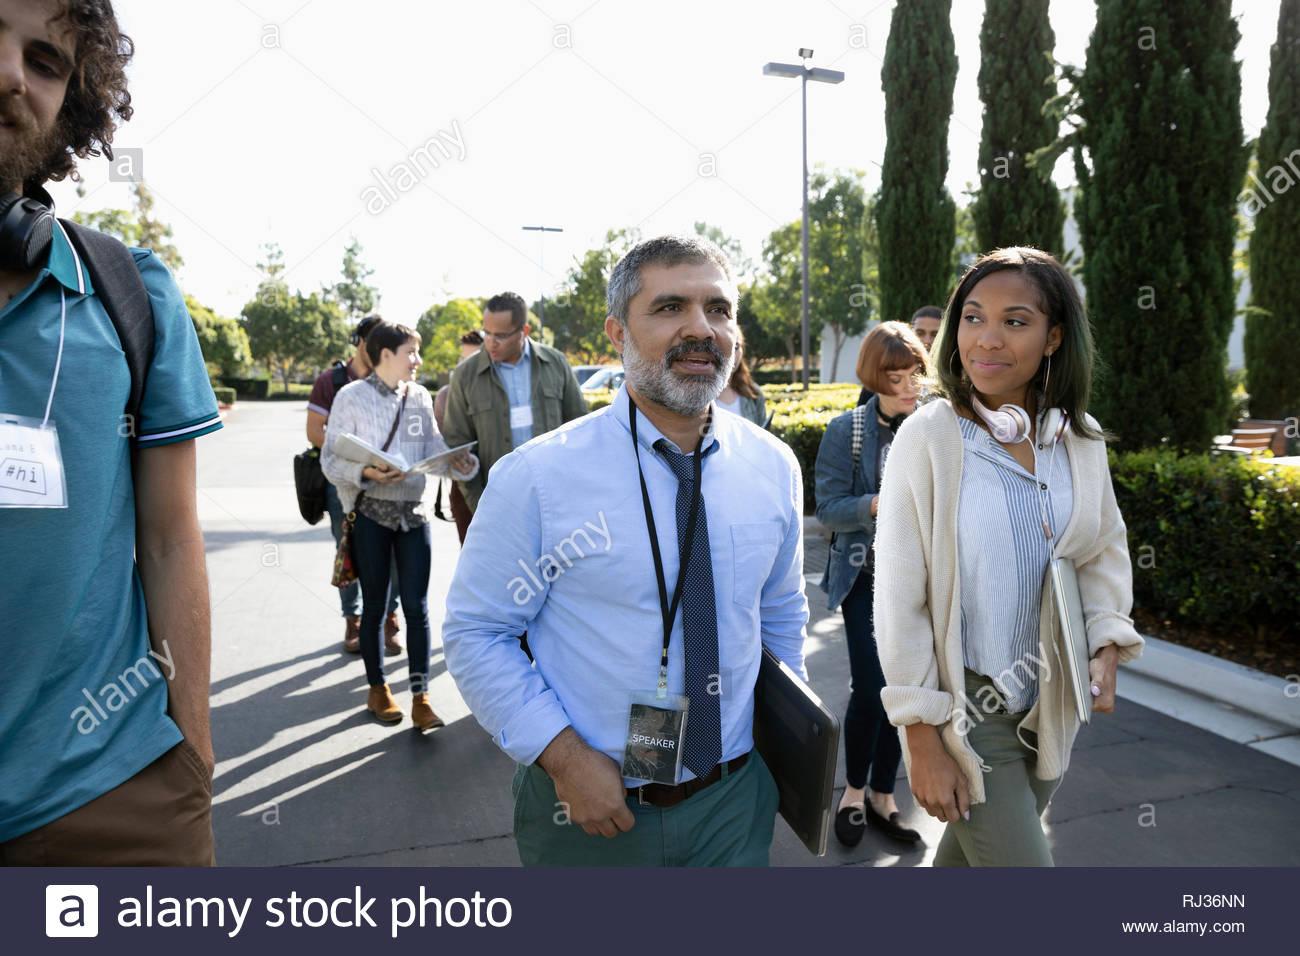 Business gente caminando en el estacionamiento Imagen De Stock